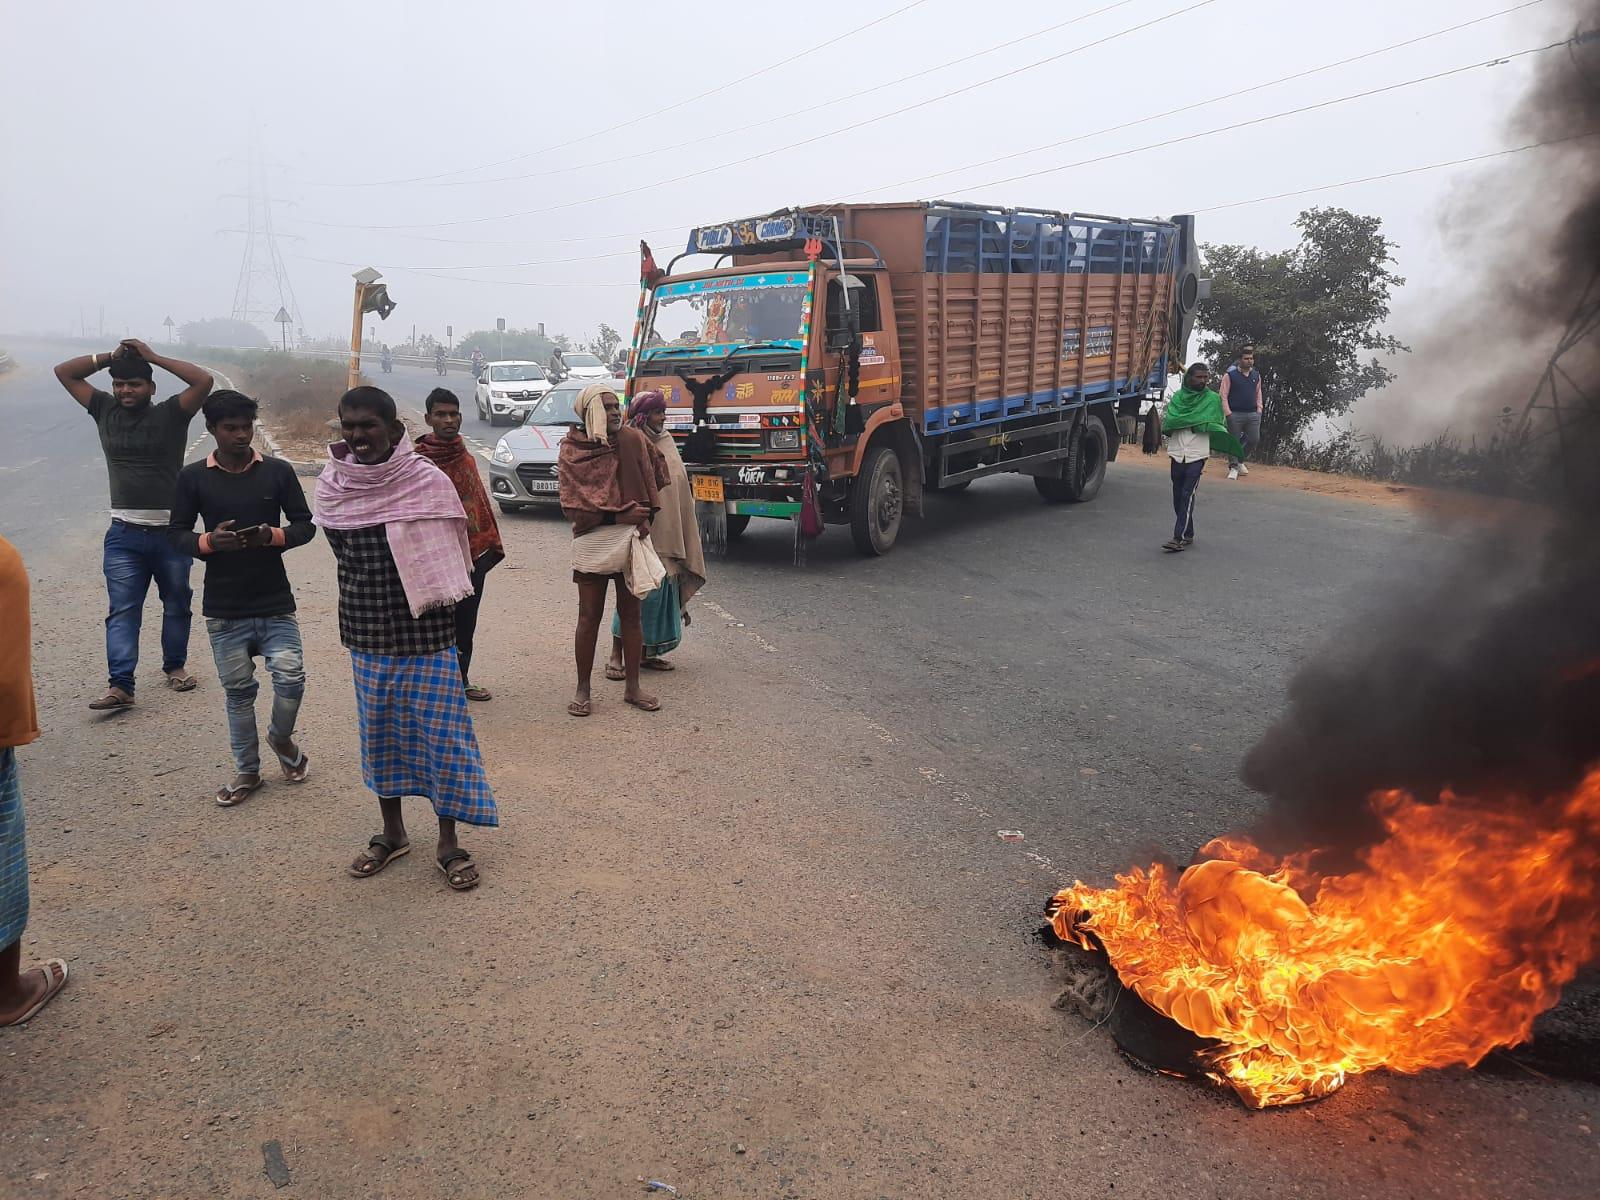 बख्तियारपुर फोर लेन पर टायर जलाकर आगजनी।